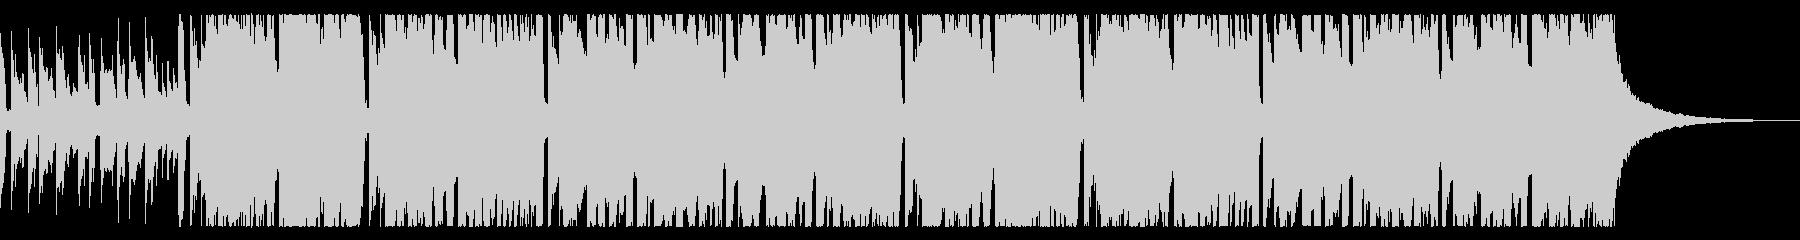 ほのぼのとした日常系BGMの未再生の波形